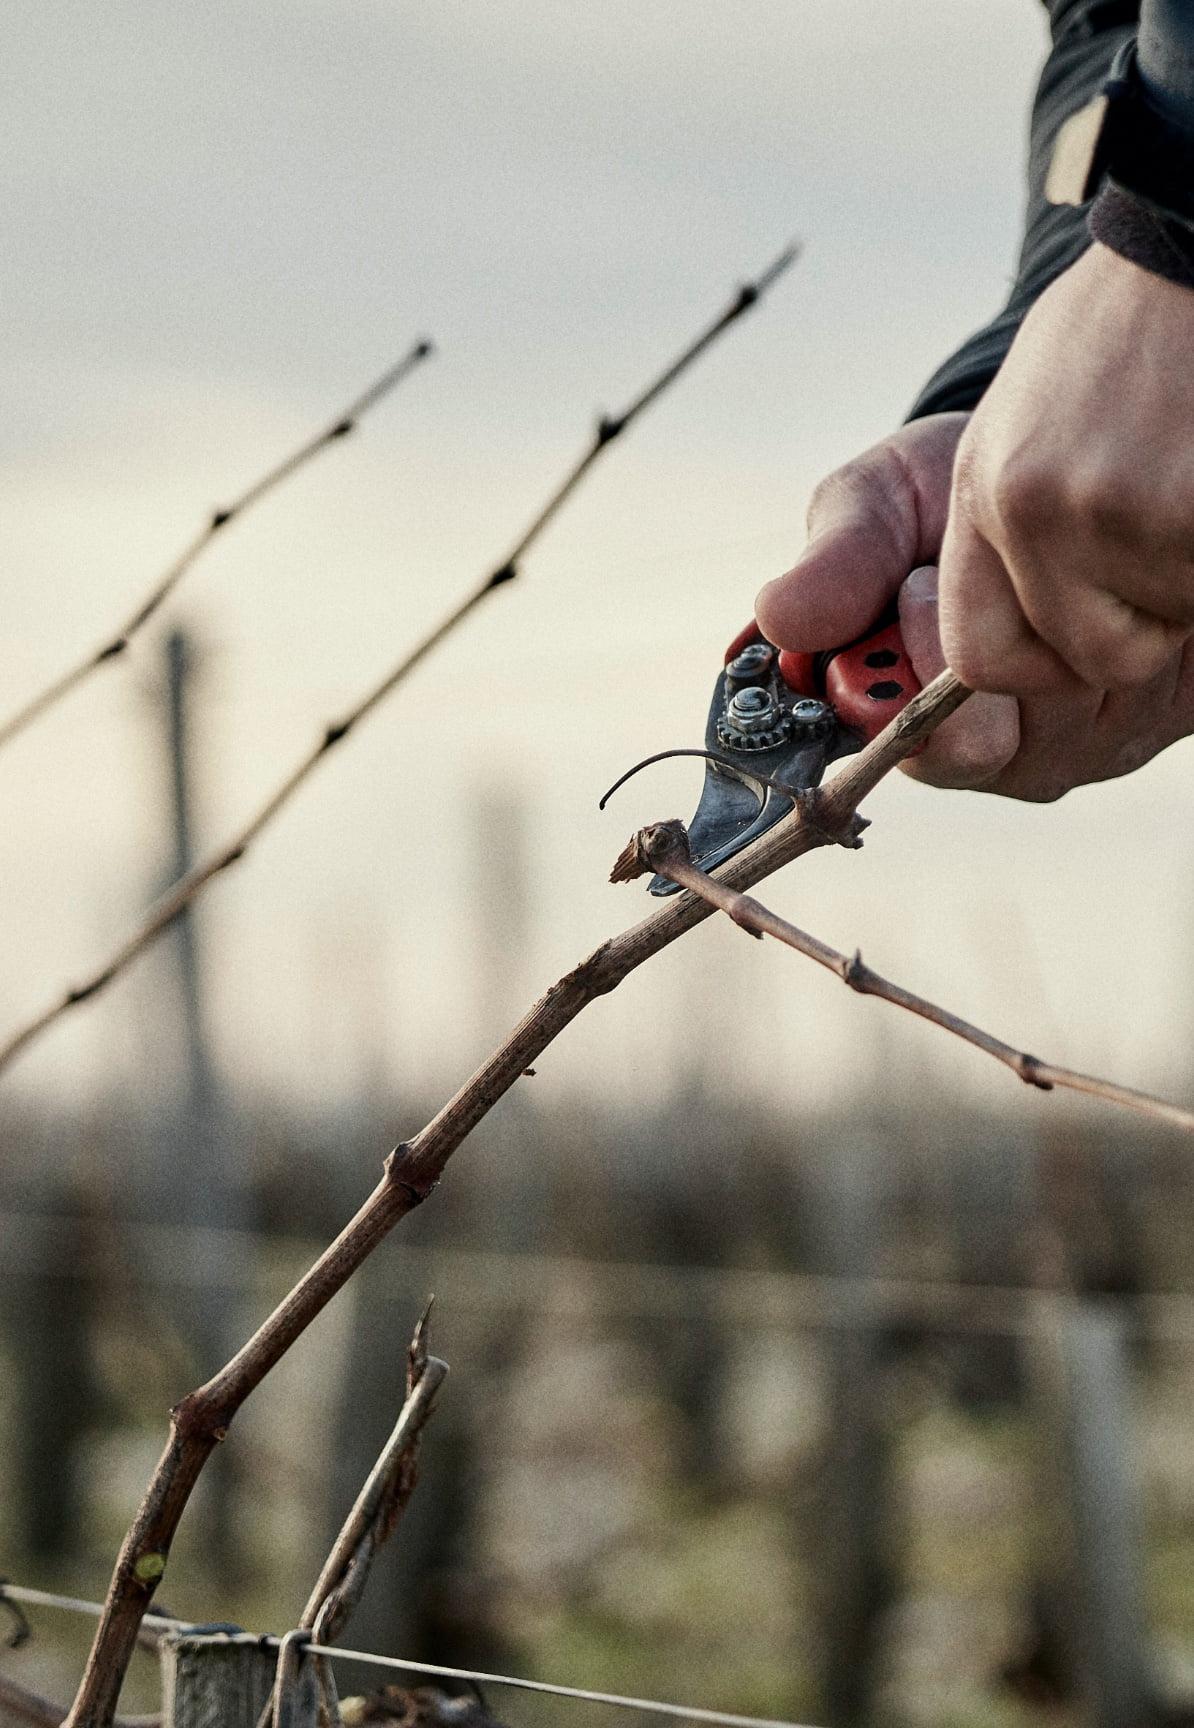 poussard pruning